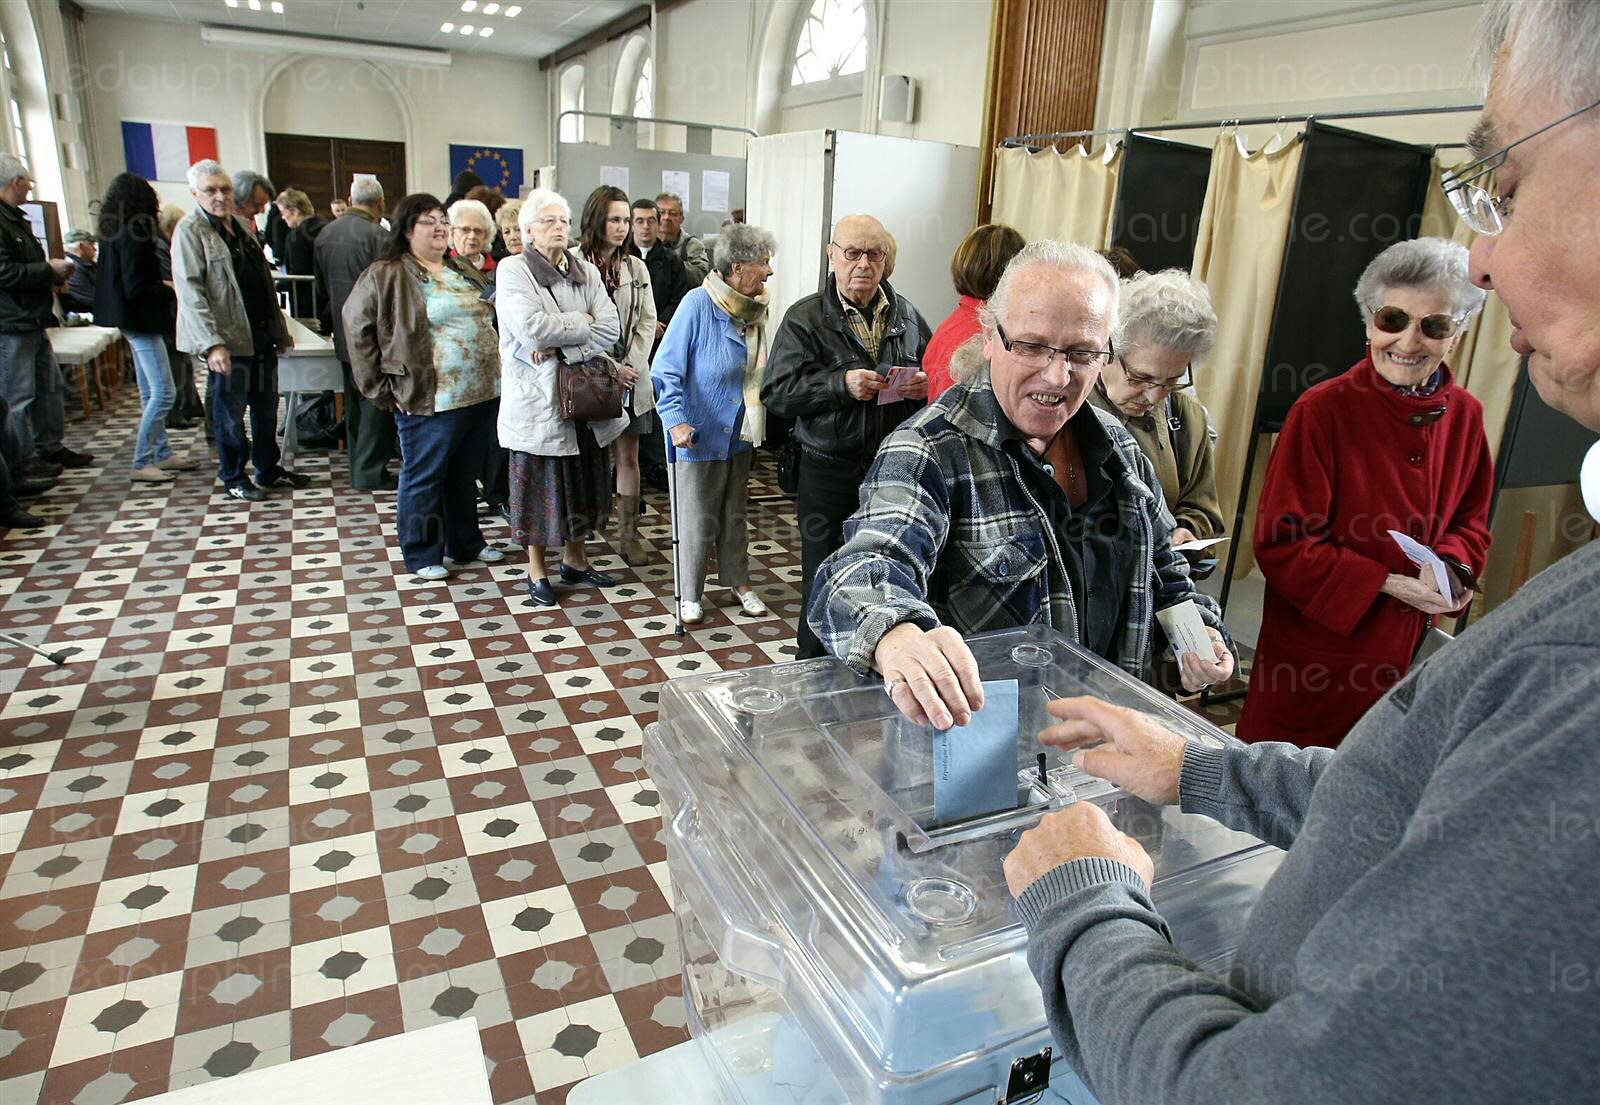 affluence-dans-les-bureaux-de-vote-en-debut-de-matinee-comme-ici-a-bourgoin-jallieu-le-dl-michel-thomas-1404532643